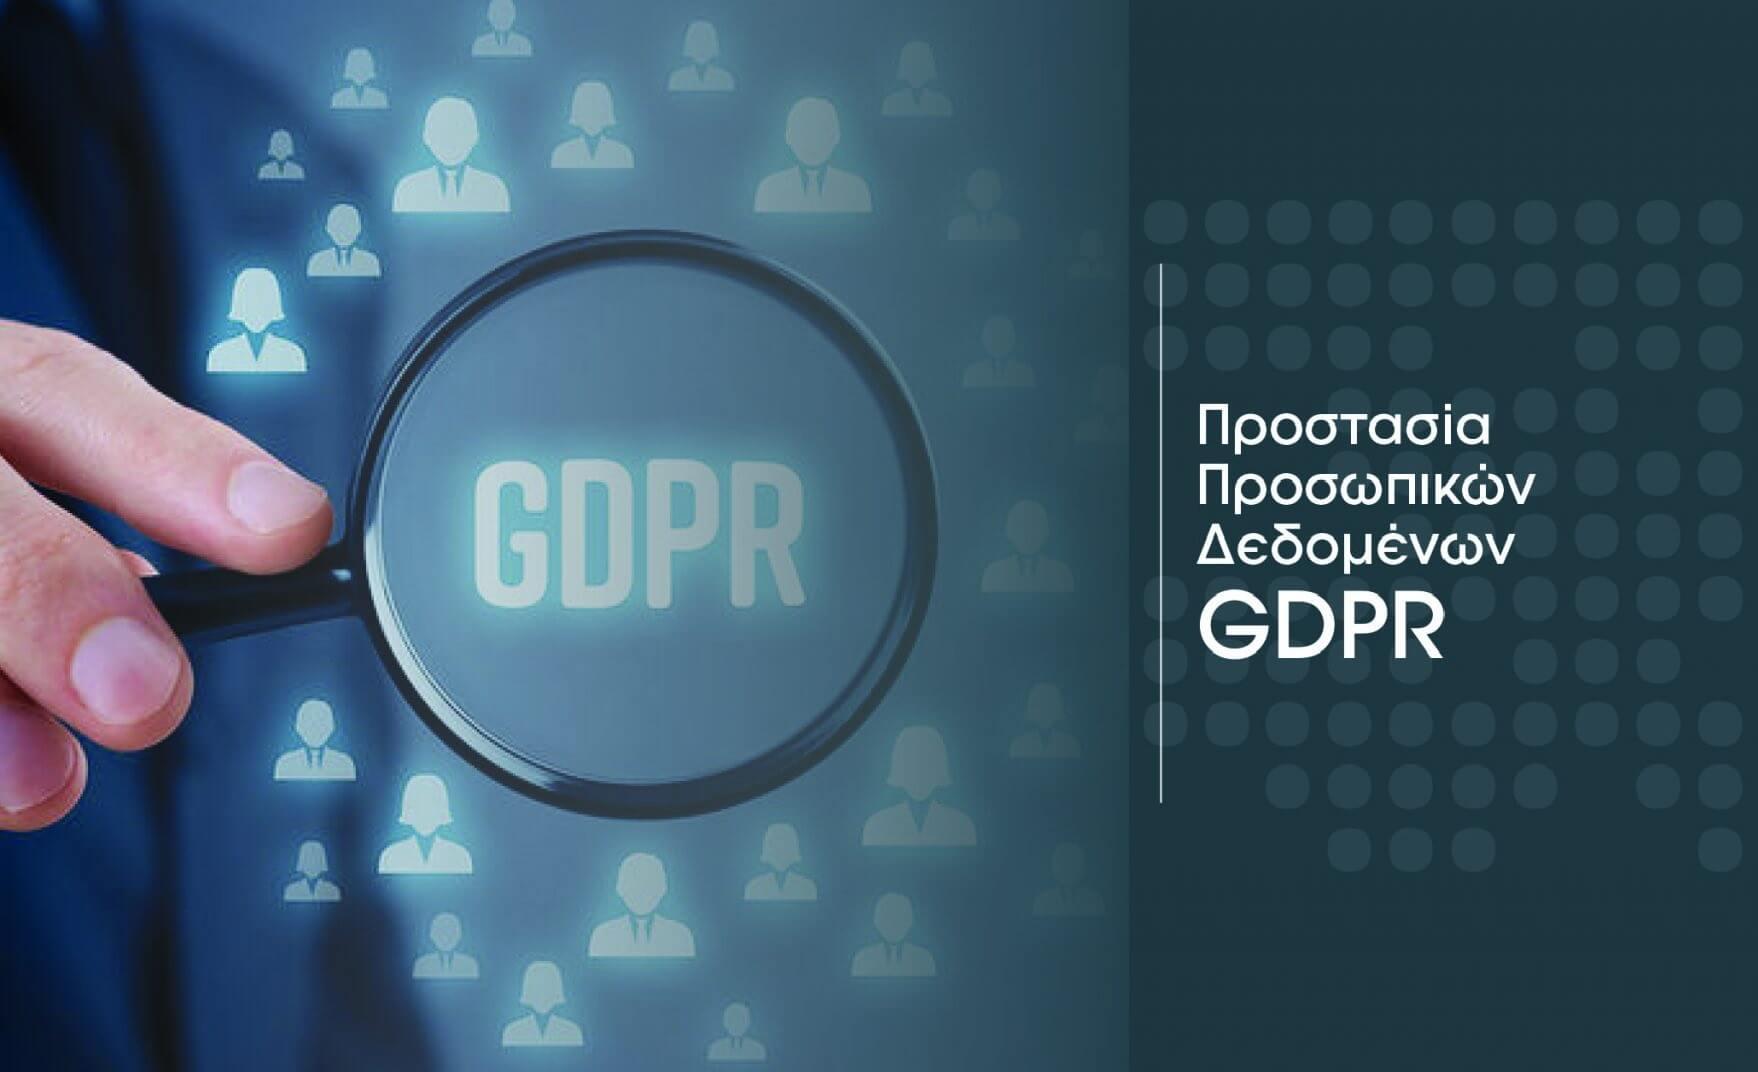 Η Αρχή Προστασίας Προσωπικών Δεδομένων έβαλε ΣΤΟΠ στην Κεραμέως